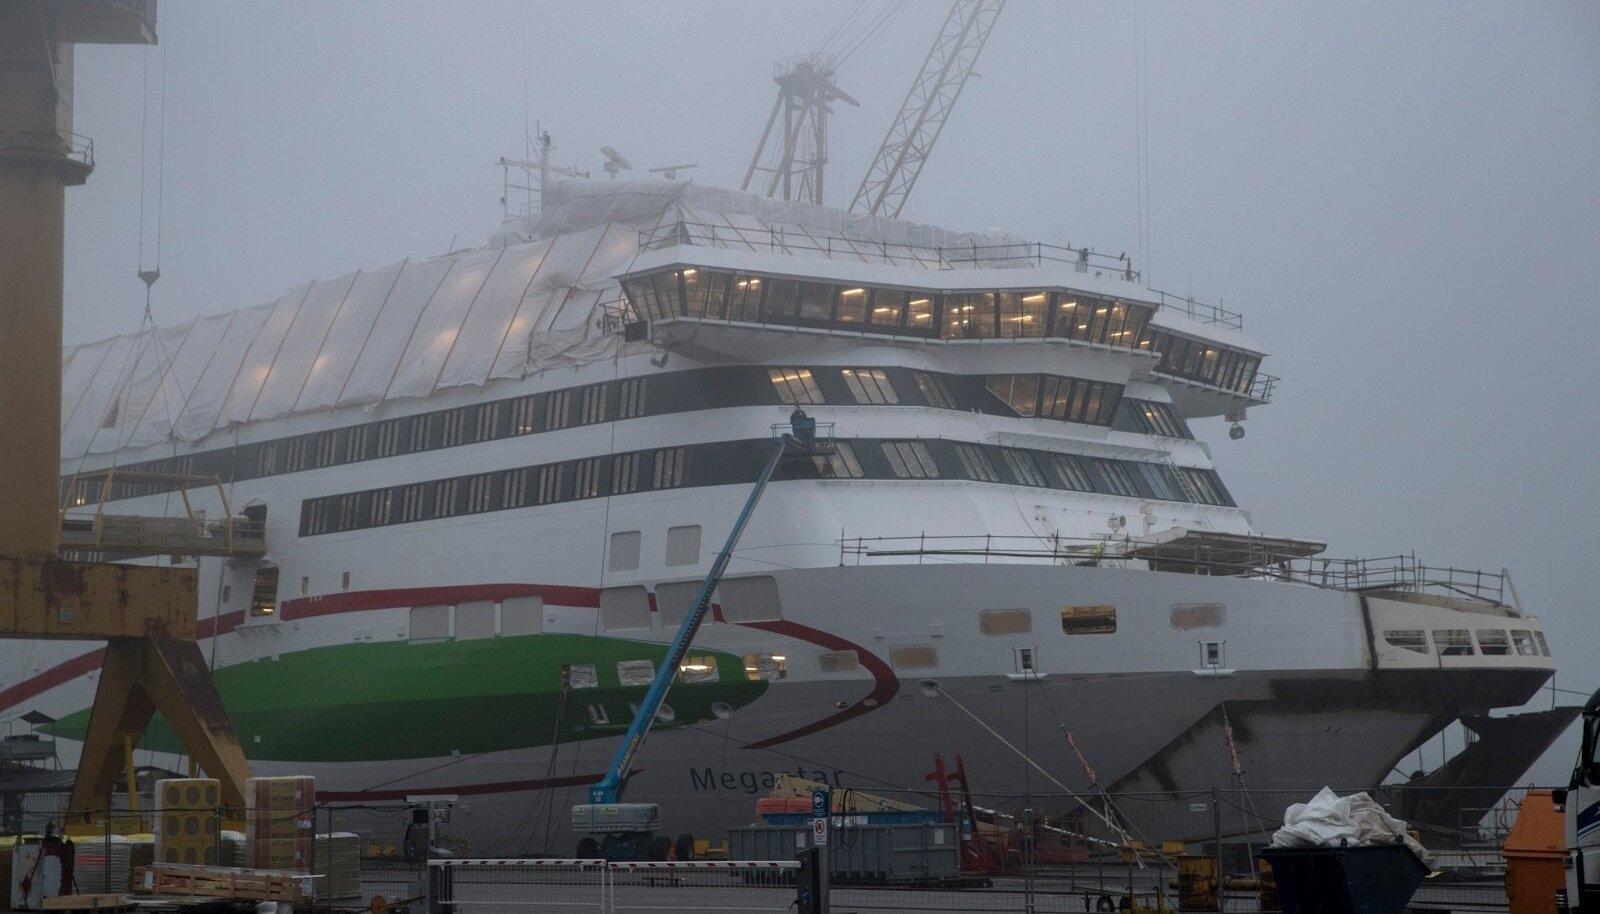 Tallinki uue laeva vanema sõsara Megastari ehitus Turu laevatehases